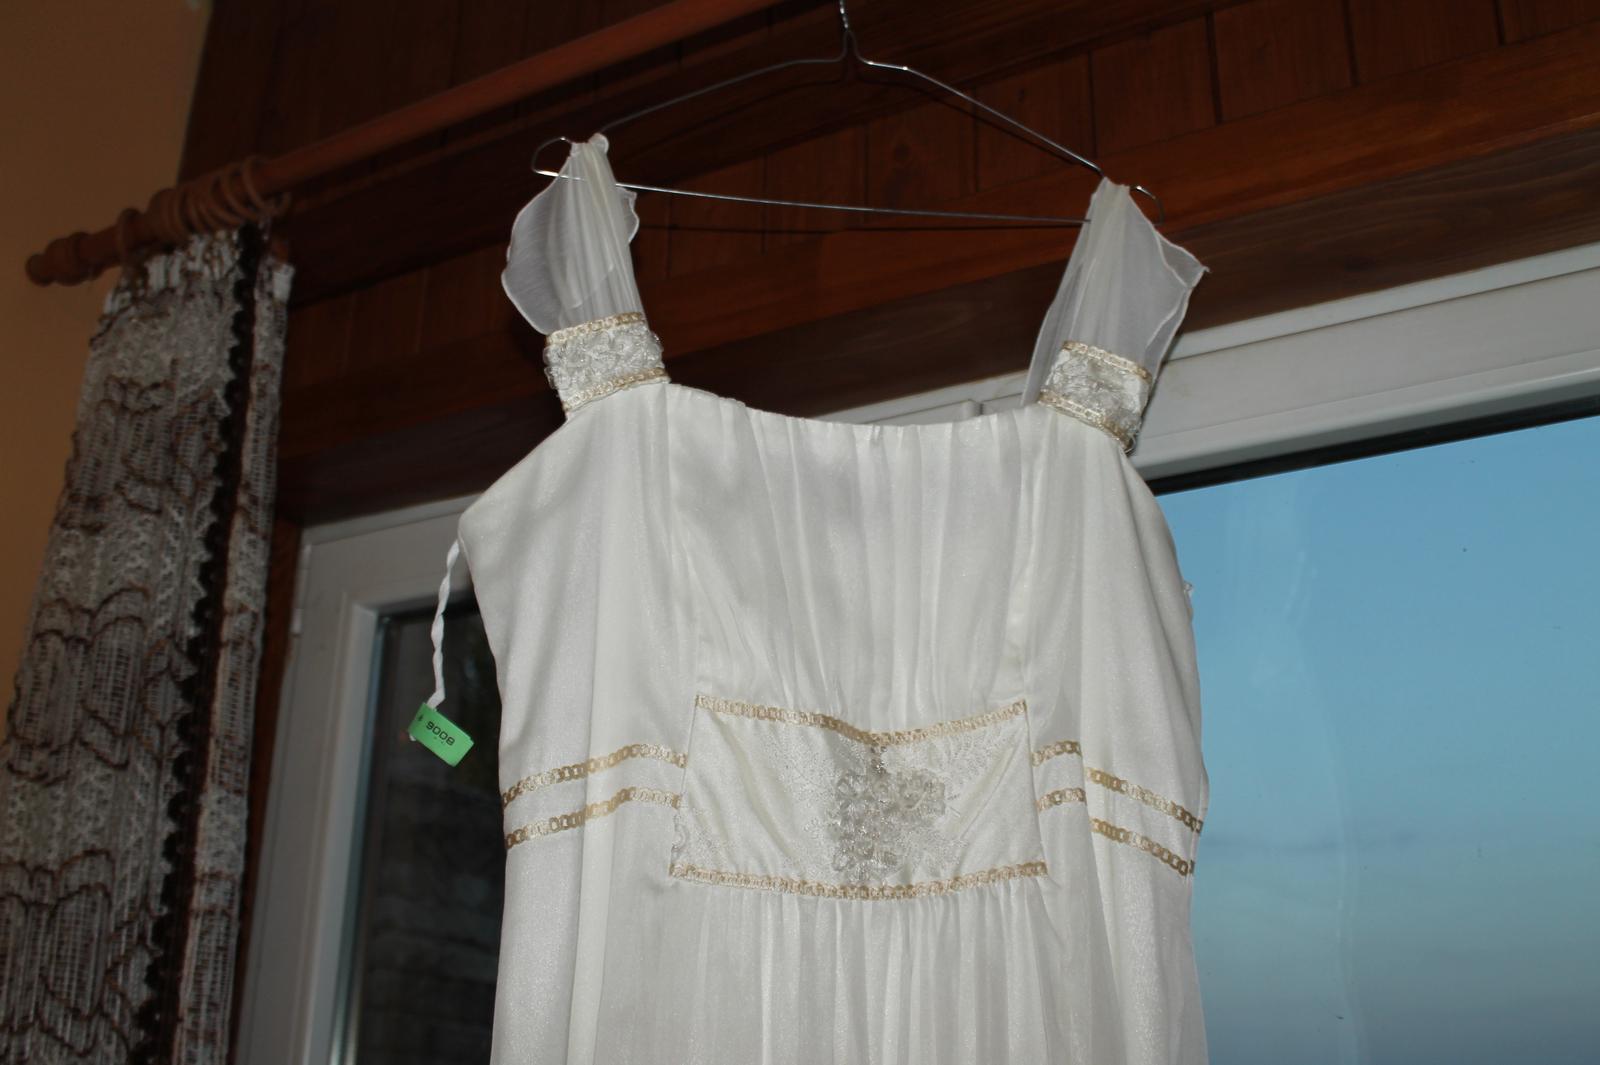 svatební šaty, boty, doplňky - Obrázek č. 1